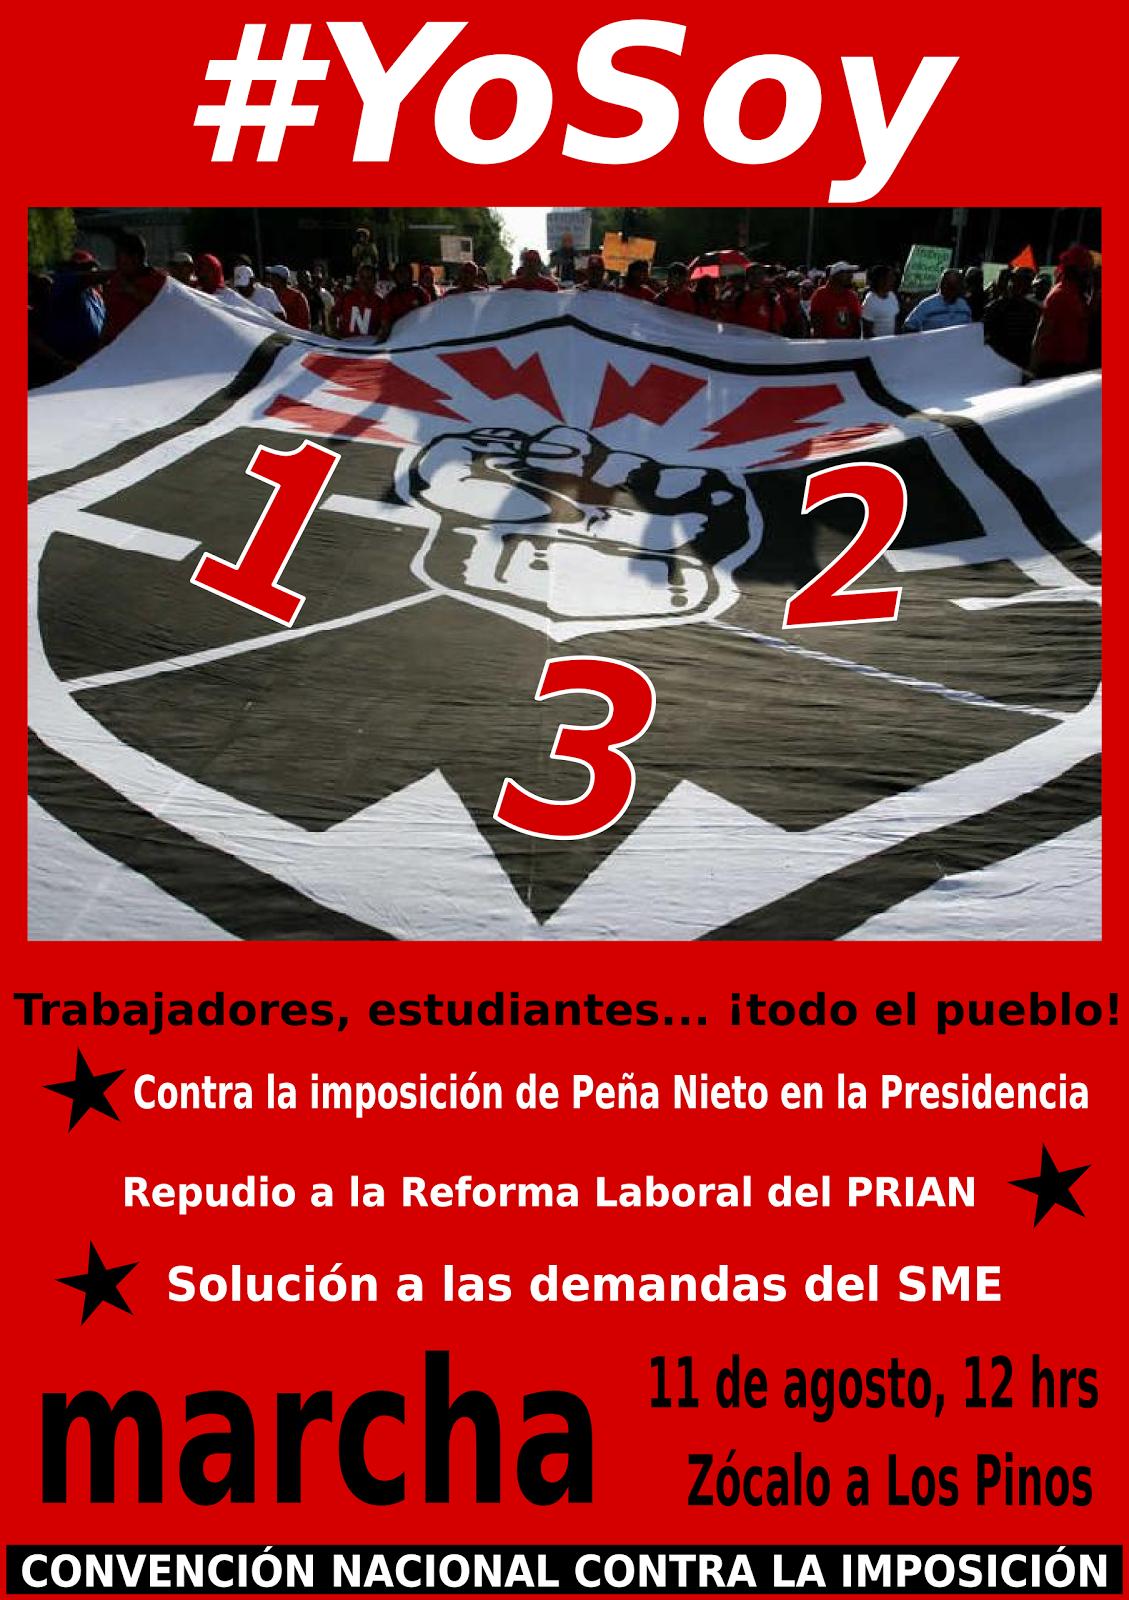 11 DE AGOSTO, MARCHA CON EL SME